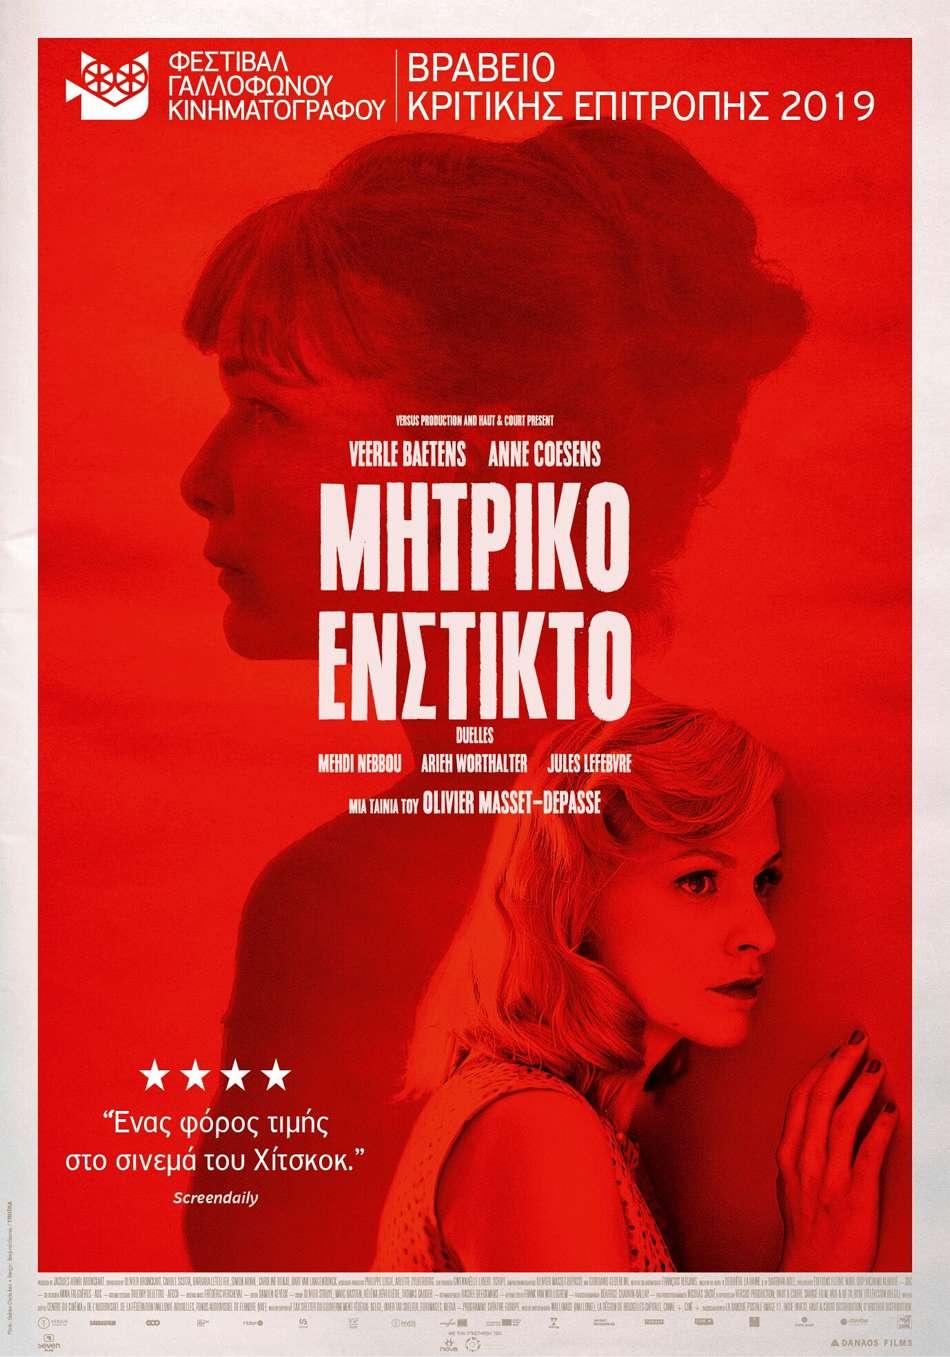 Μητρικό Ένστικτο (Duelles) - Trailer / Τρέιλερ Poster